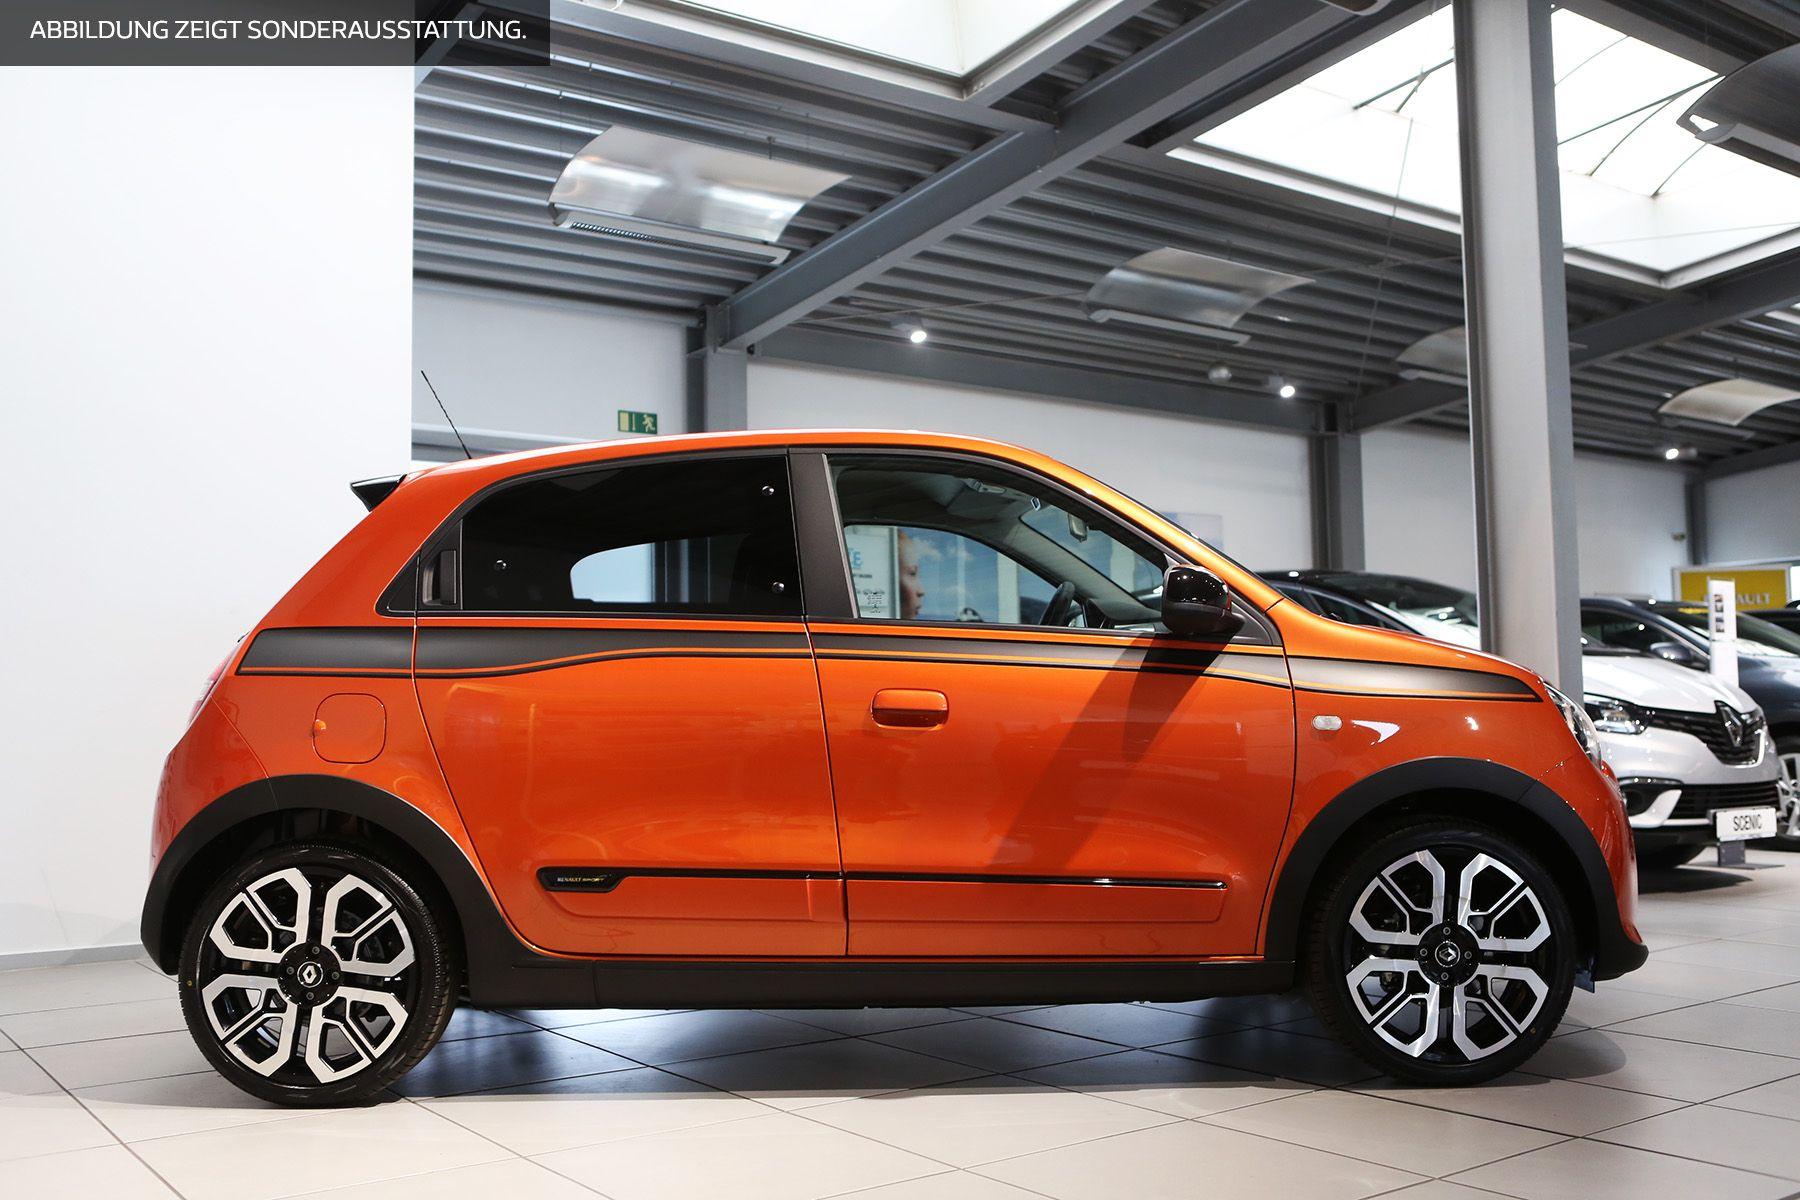 Durfen Wir Vorstellen Das Sportliche Minigeschoss Unser Renault